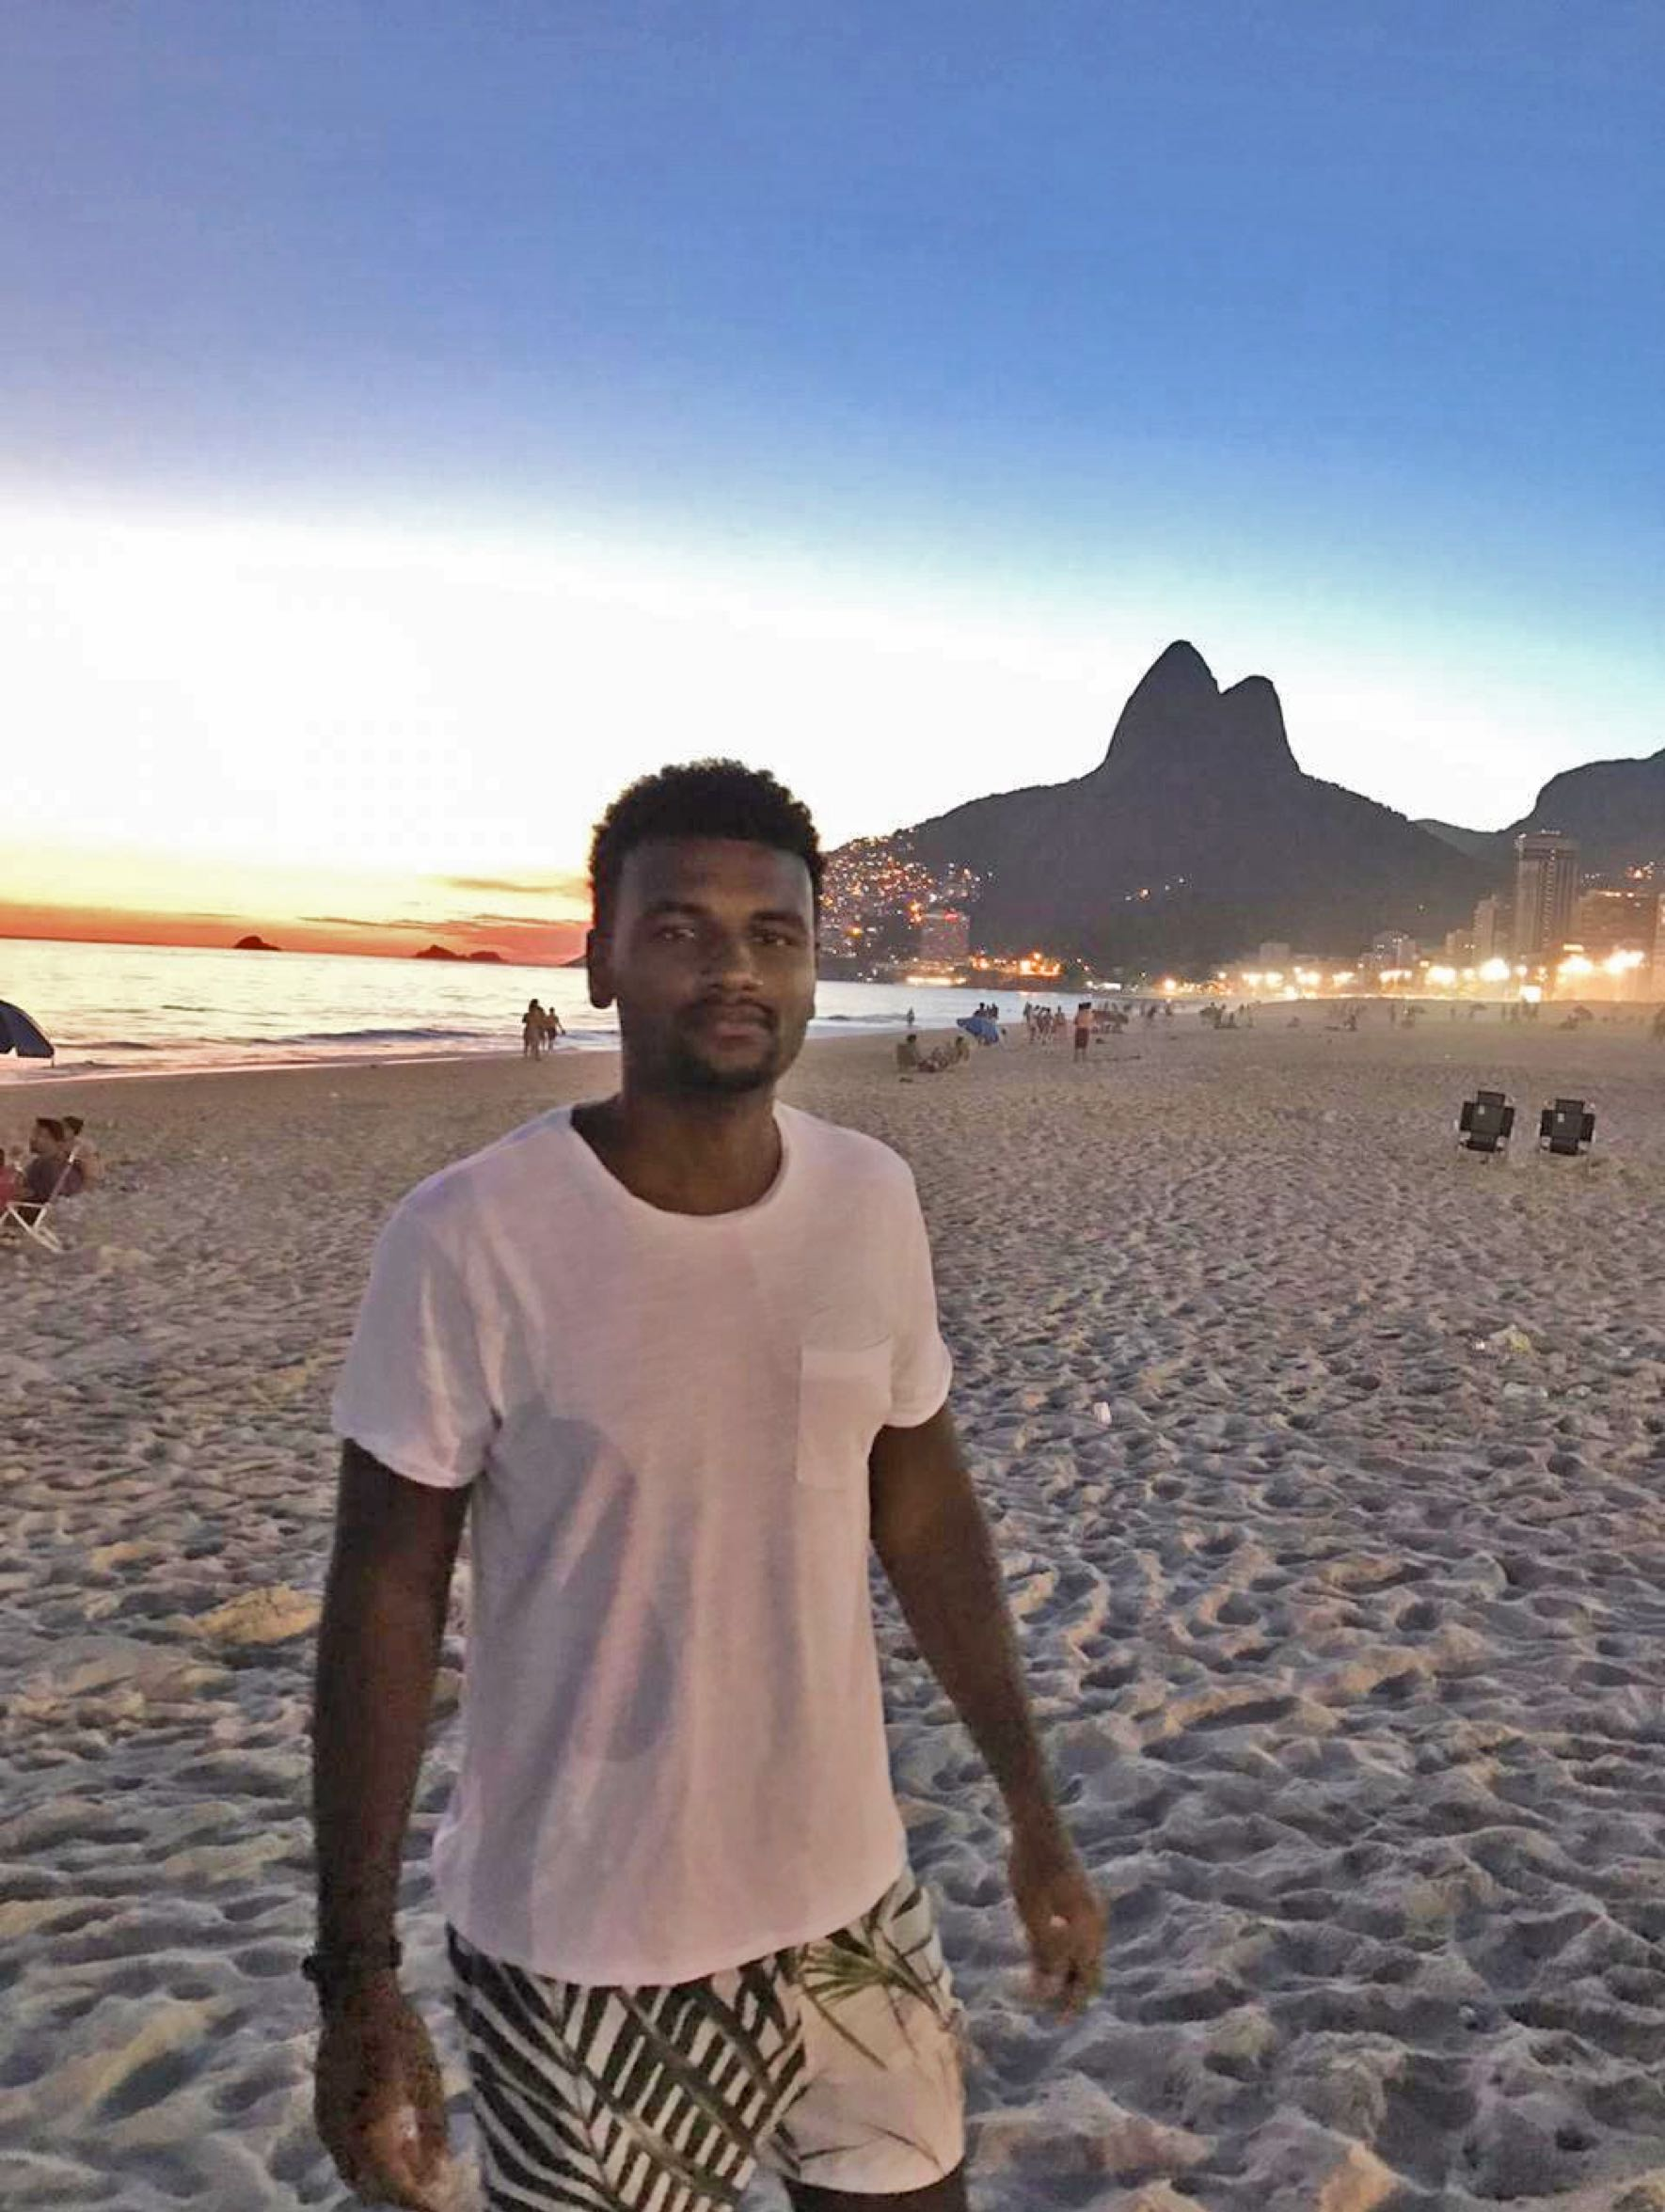 Das Bild zeigt Matheus bei Sonnenuntergang am Strand in Rio de Janeiro. Im Hintergrund sind die Lichter der Stadt zu sehen.